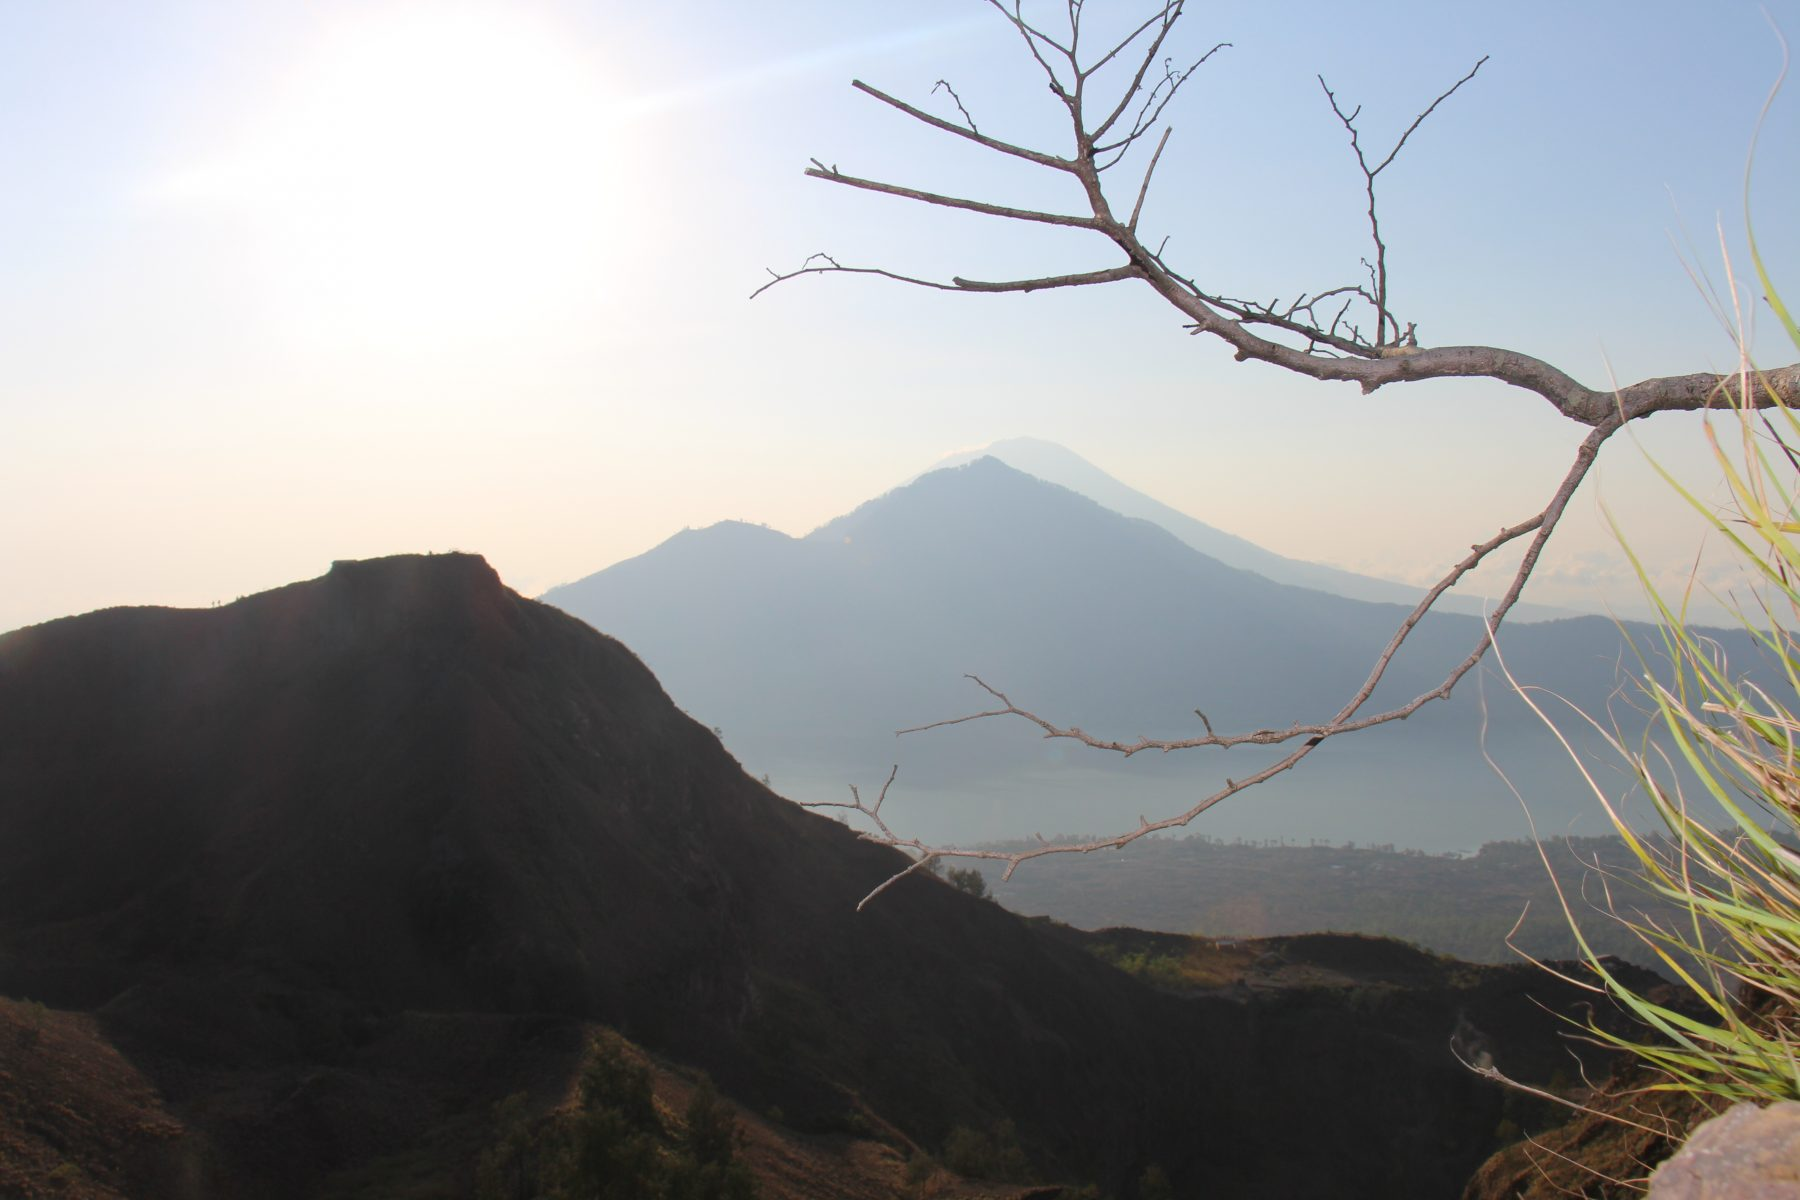 association of mount batur trekking guides